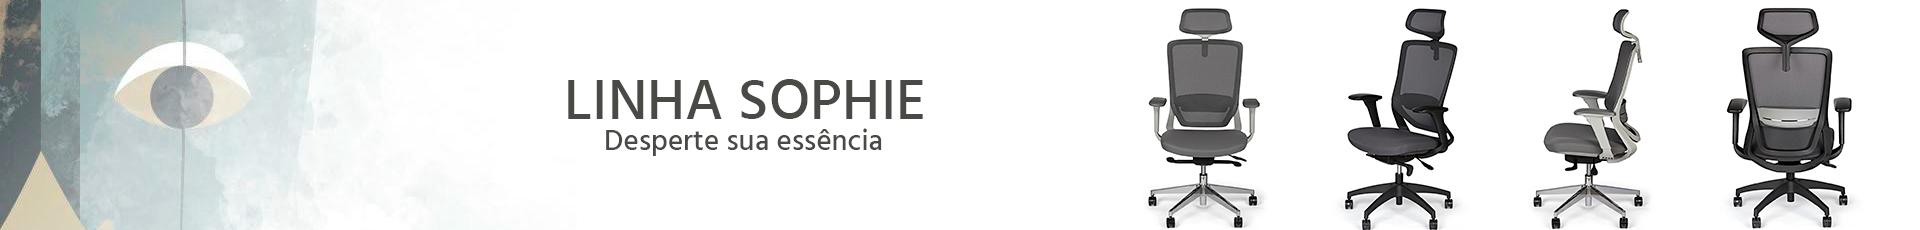 Linhas - Sophie